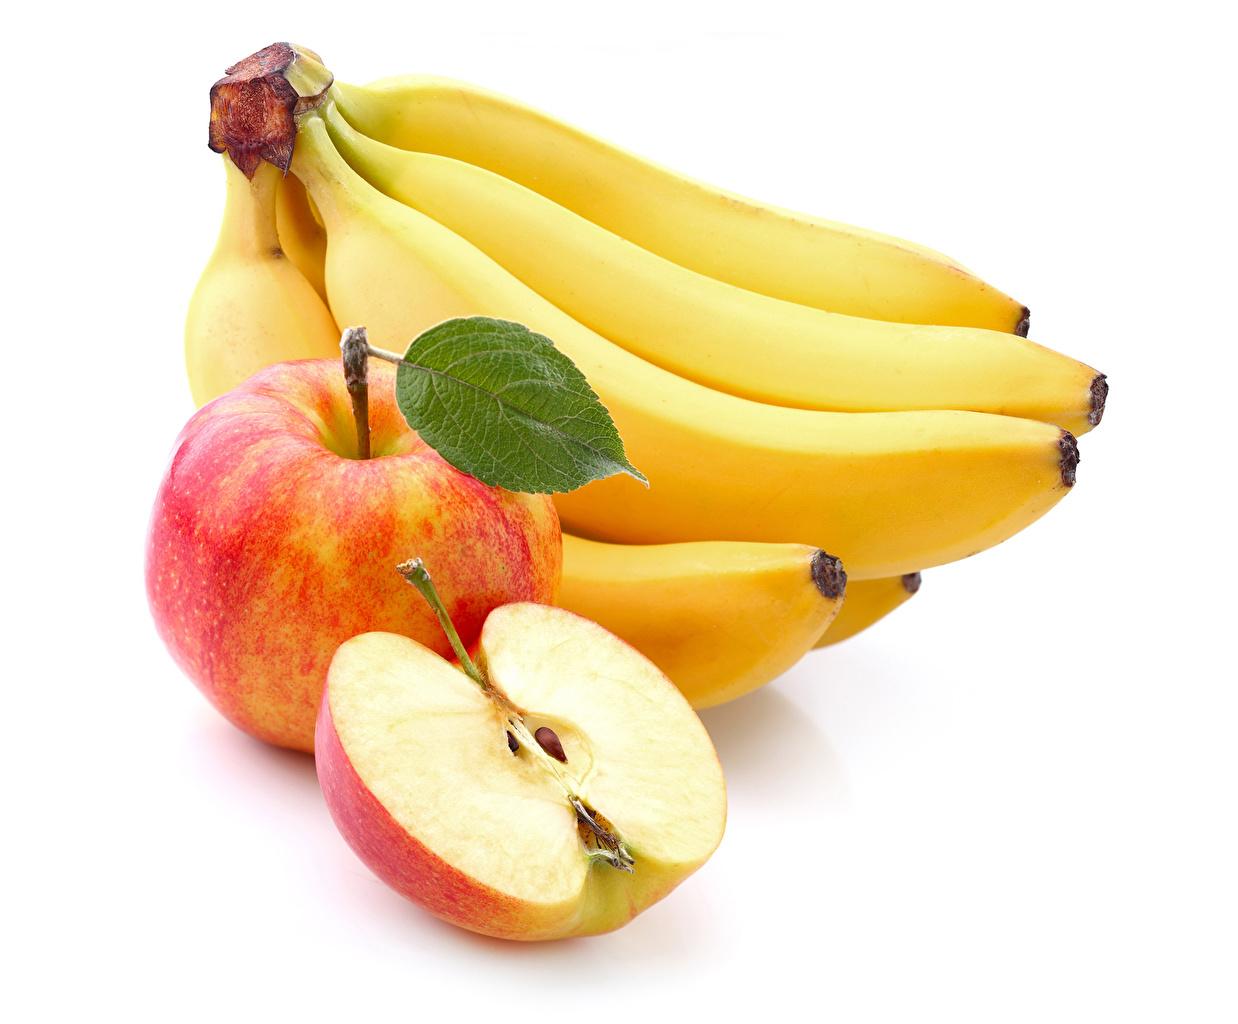 Фотографии Яблоки Бананы Фрукты Продукты питания белым фоном Крупным планом Еда Пища вблизи Белый фон белом фоне